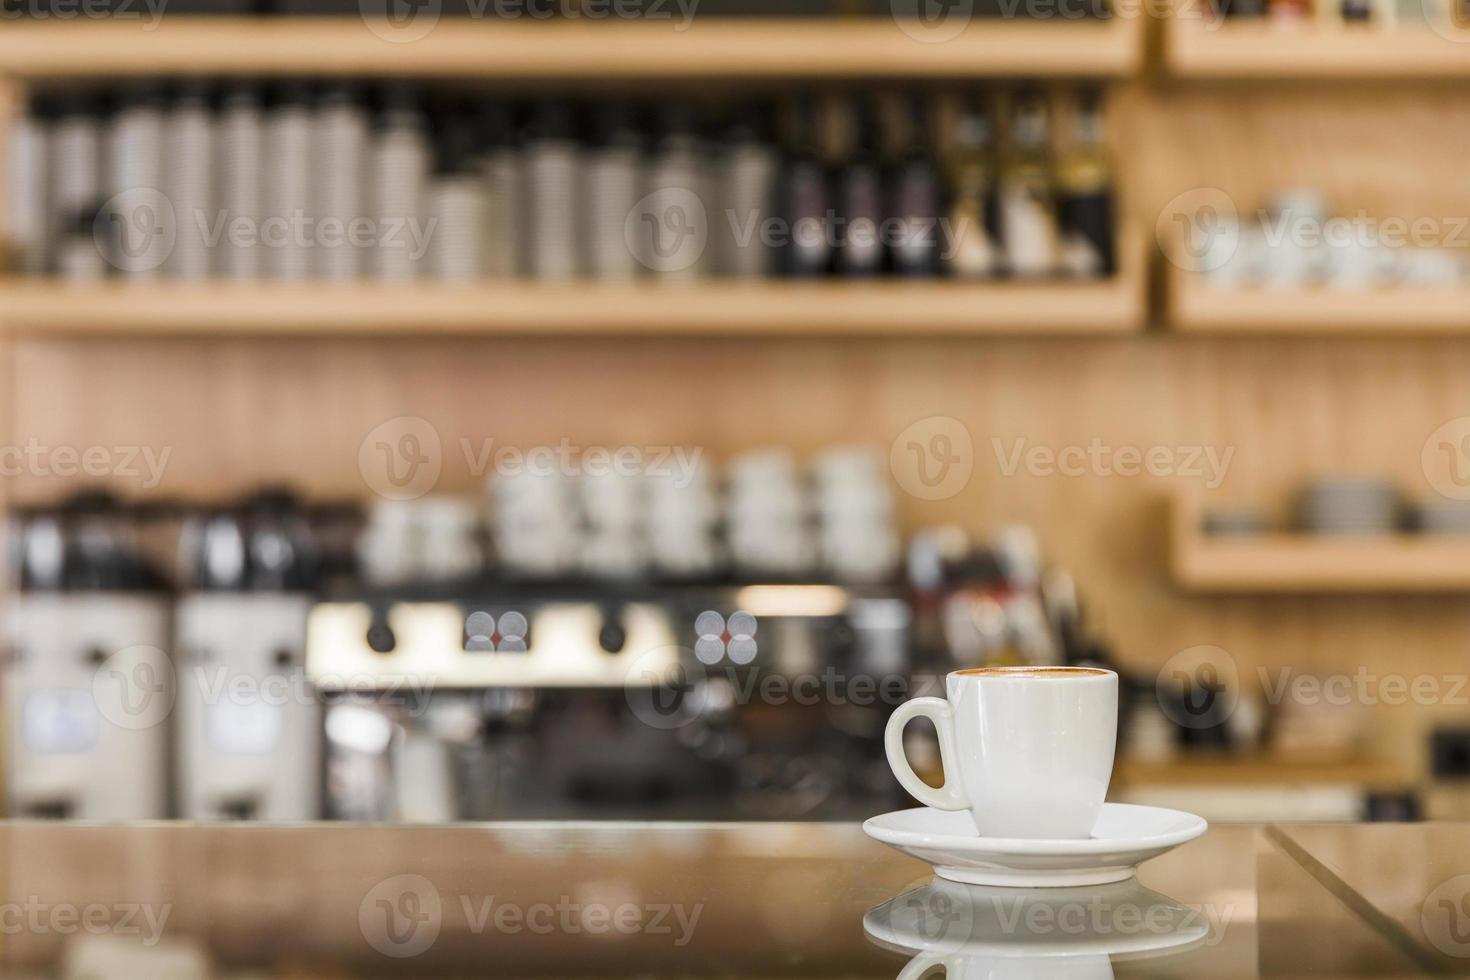 kopje verse espresso op glazen toonbank met onscherpe achtergrond foto